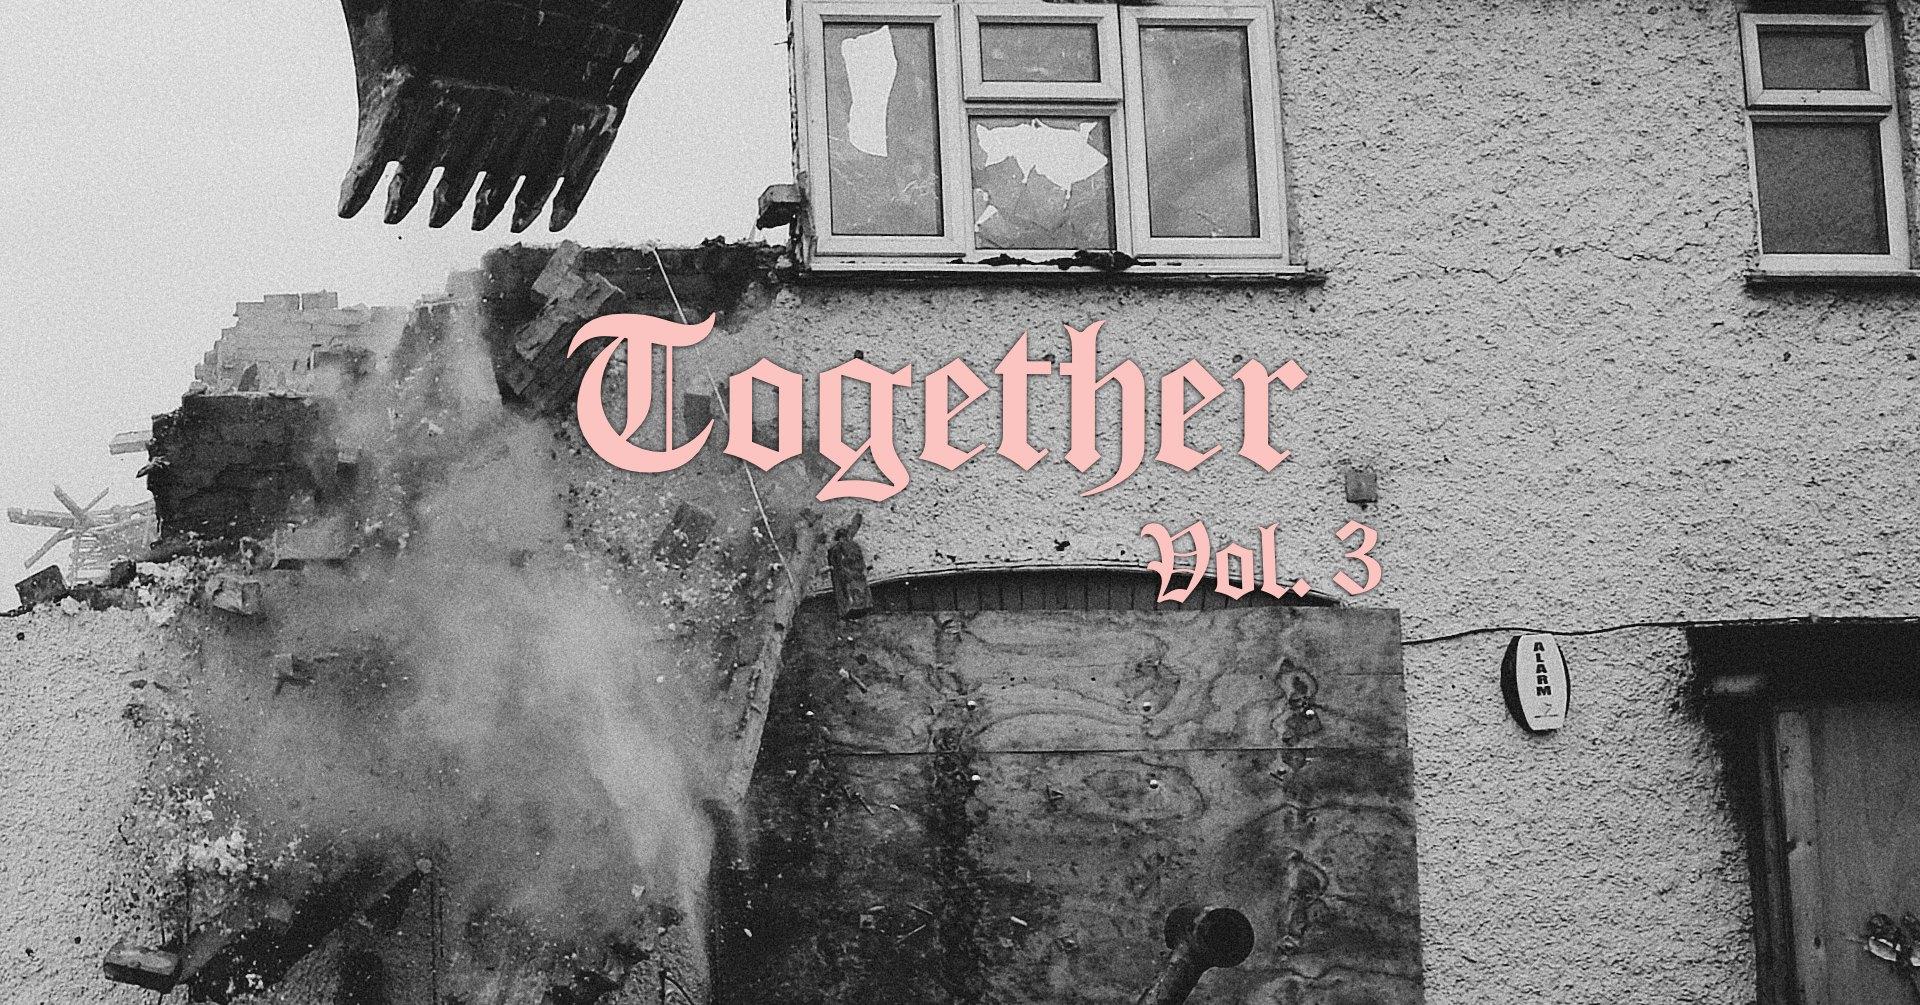 Together Vol. 3